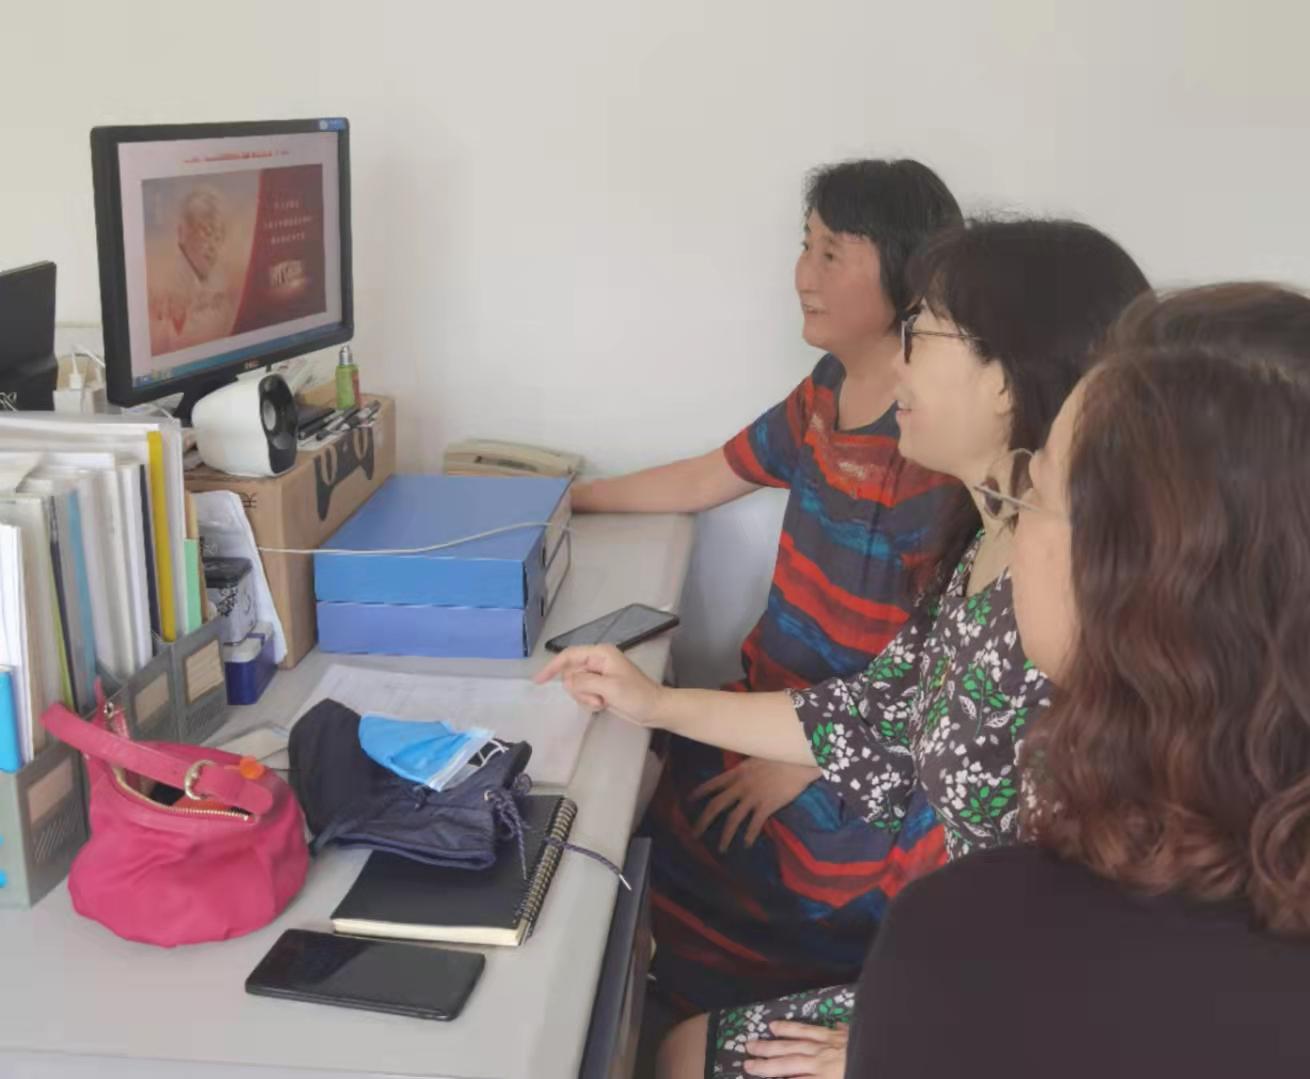 北京市疾控中心质管办党支部组织全体党员观看时代楷模─李桓英 中国科学网www.minimouse.com.cn